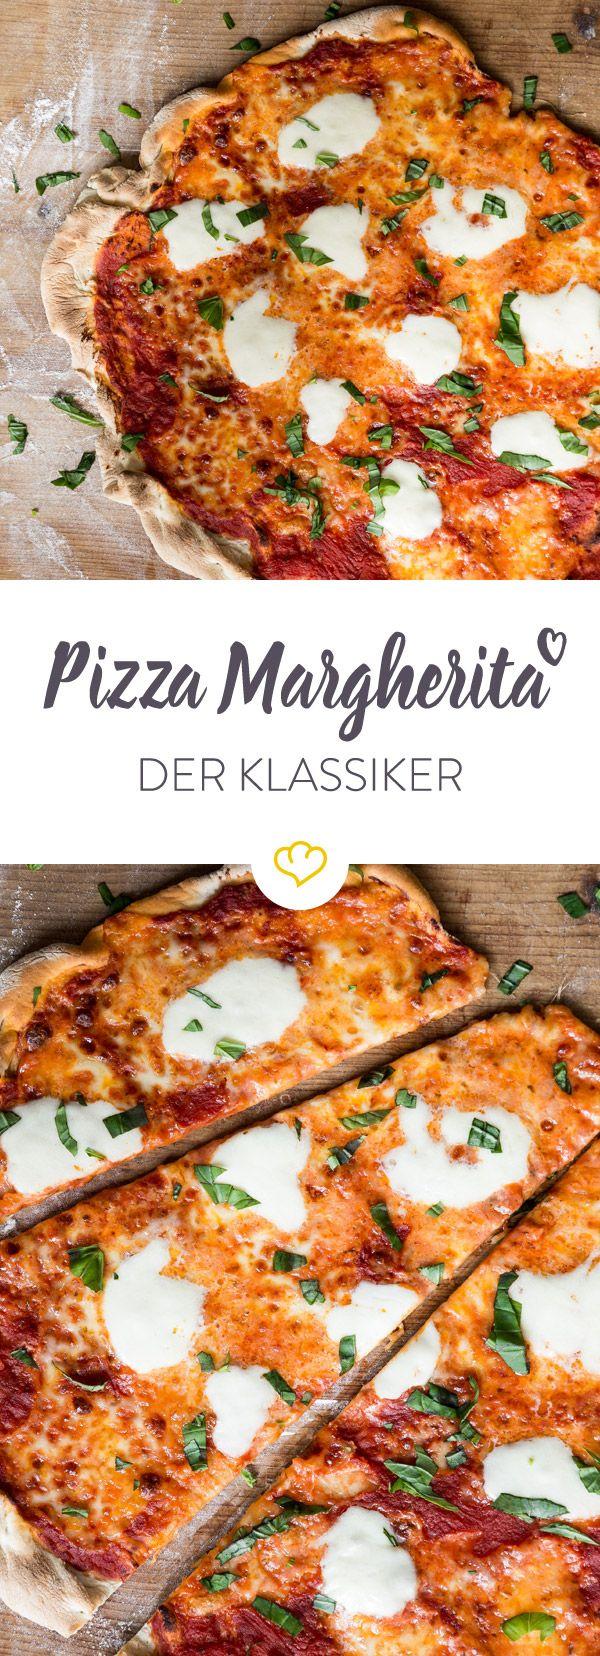 Zeit für die Königin der Pizzen: Keine ist so lange im Geschäft und so beliebt wie die Pizza Margherita. So machst du das Original zuhause.